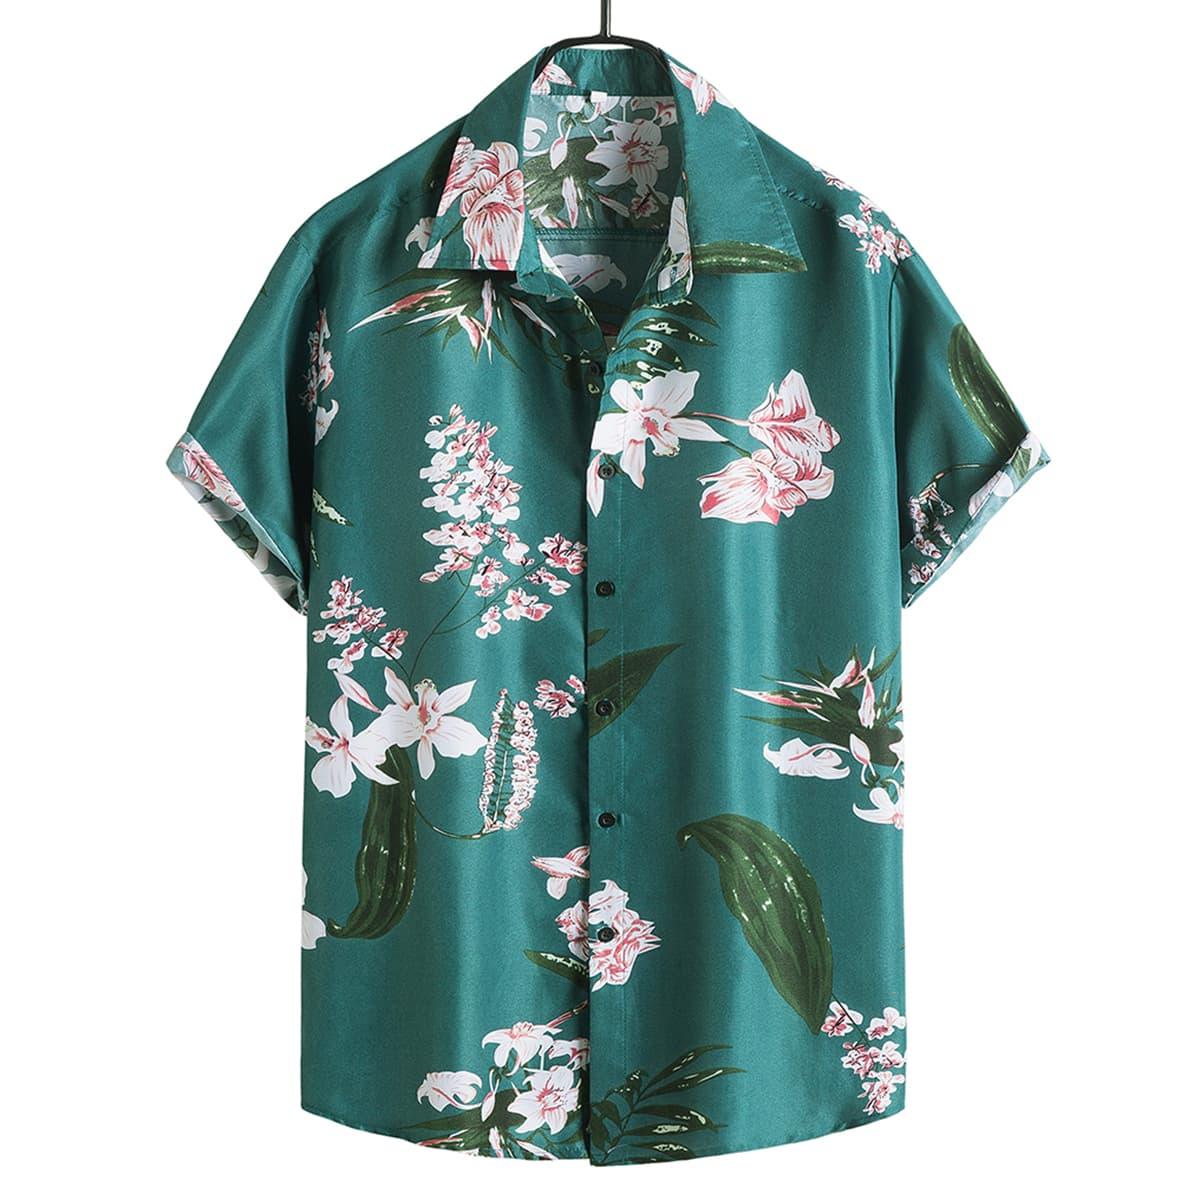 Мужская рубашка на пуговицах с цветочным рисунком